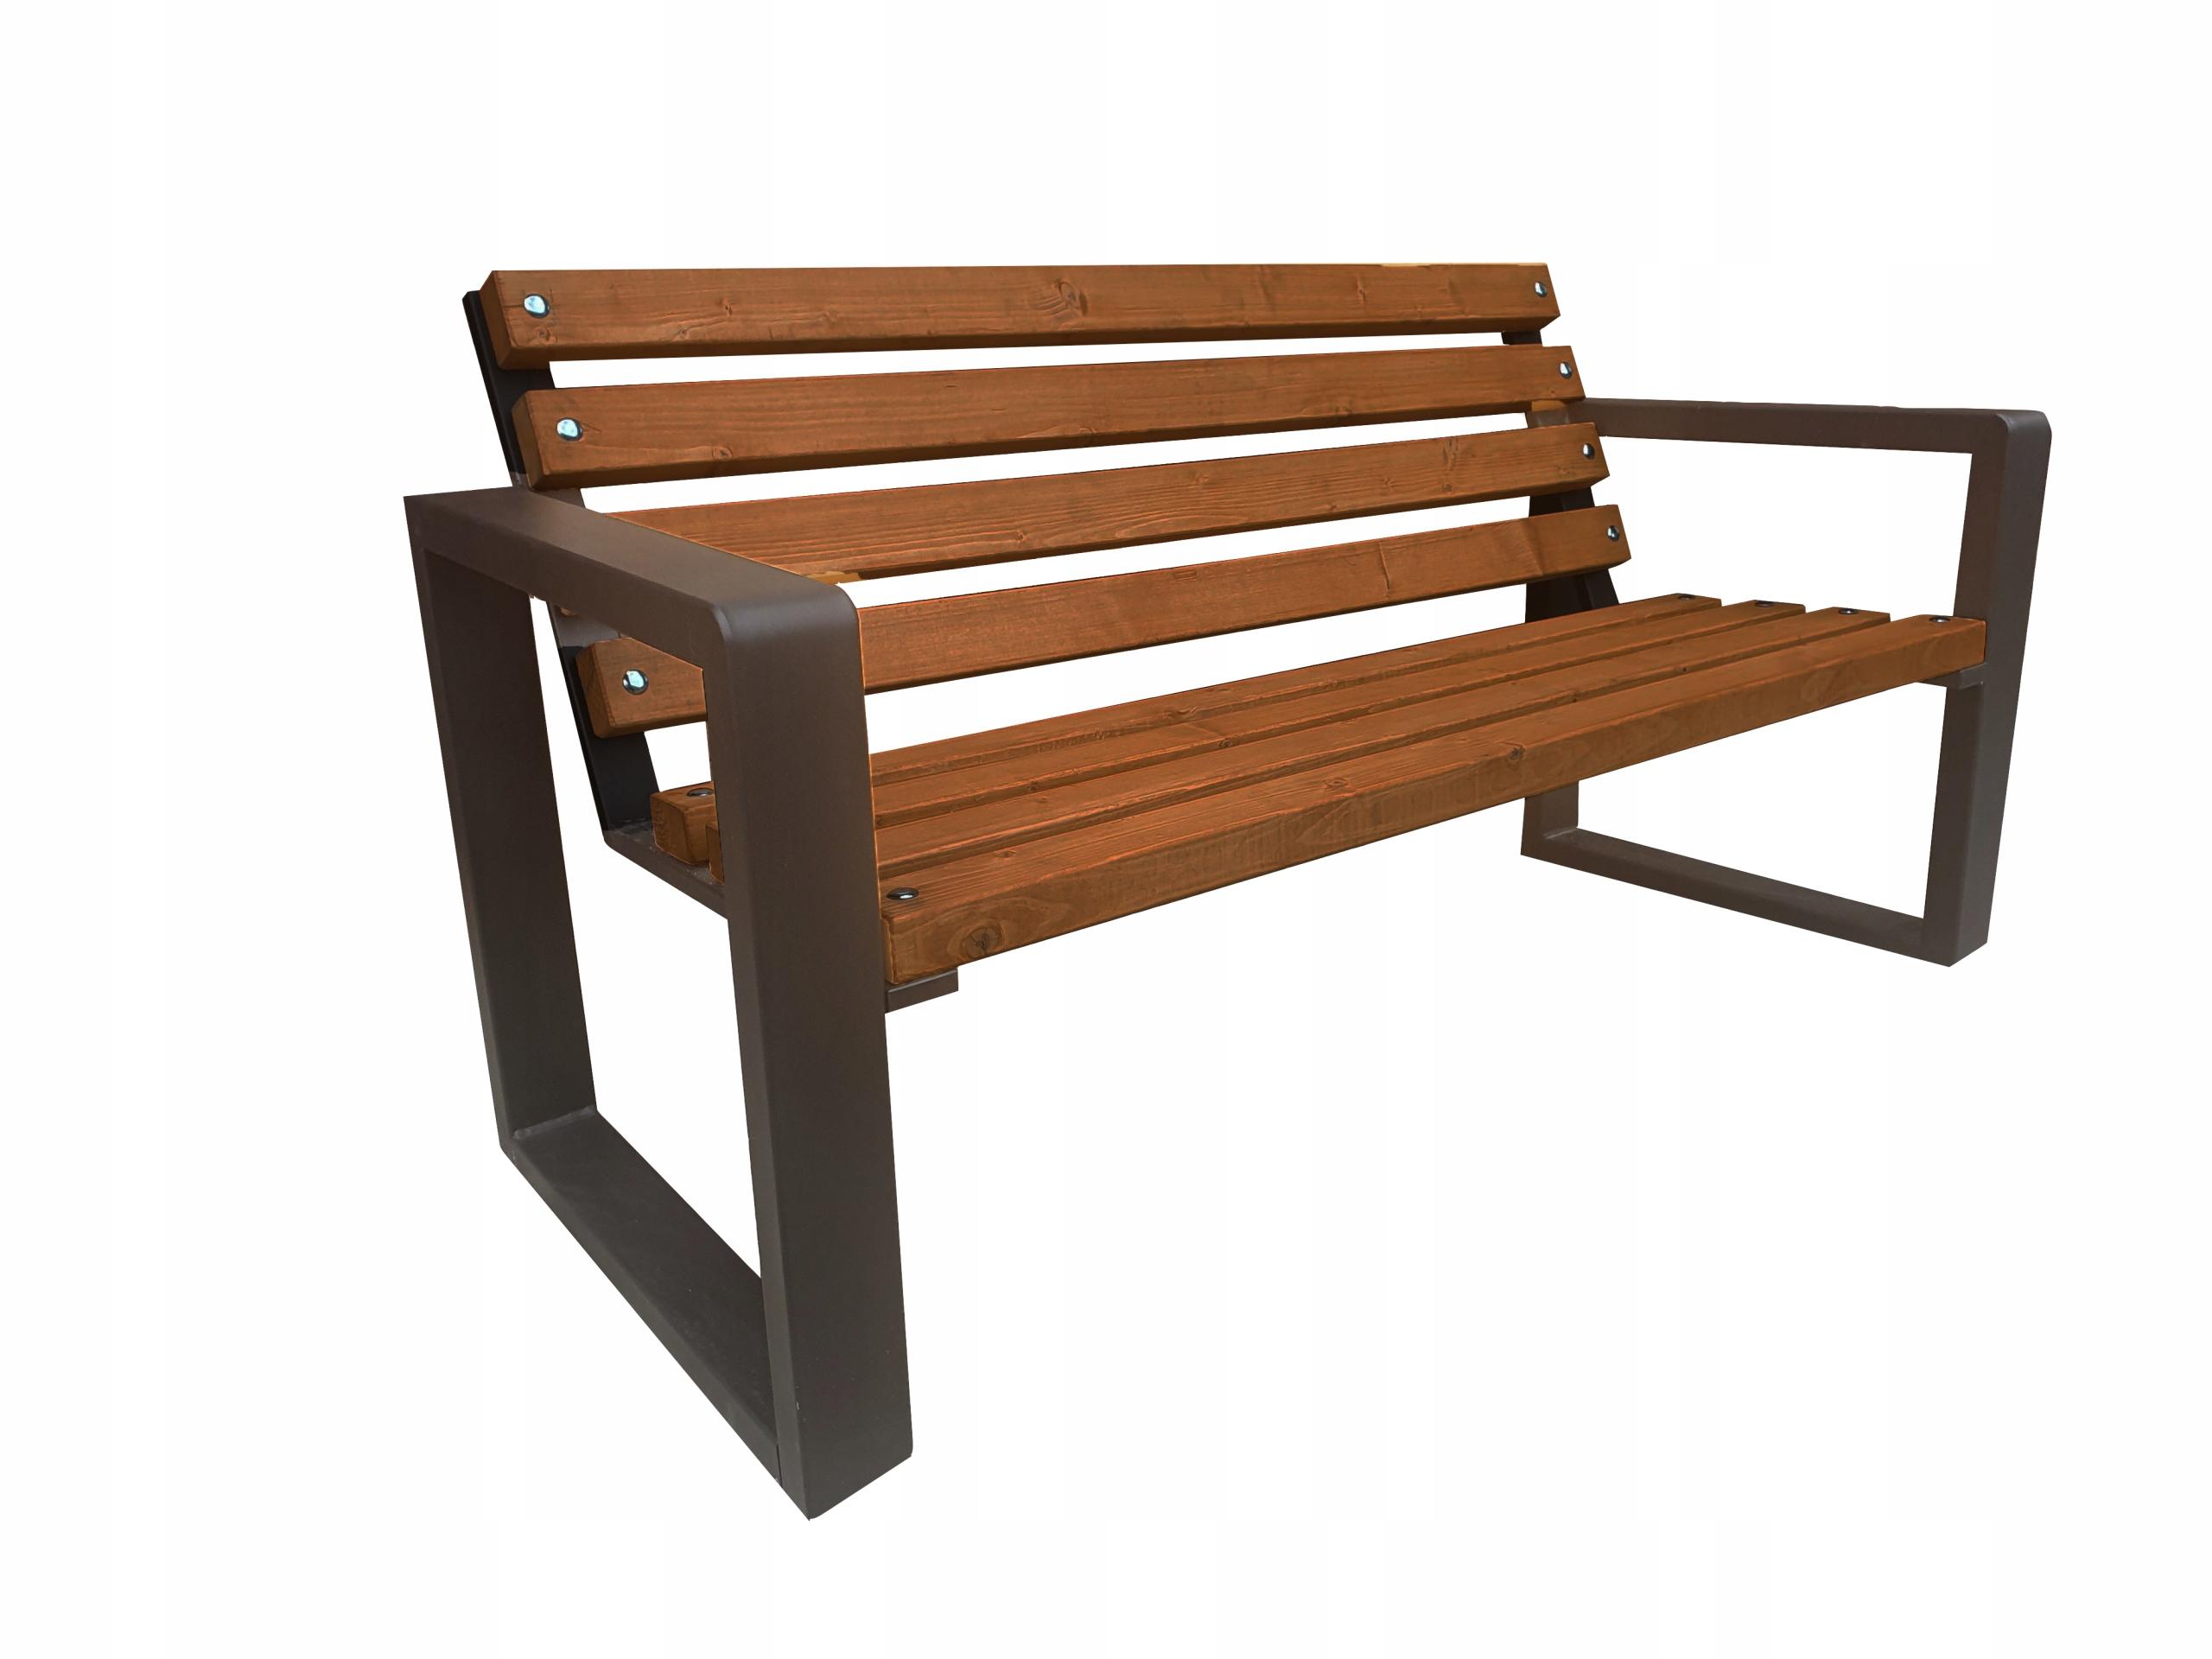 Mestská lavica 180 cm. Kód produktu 5907741583807